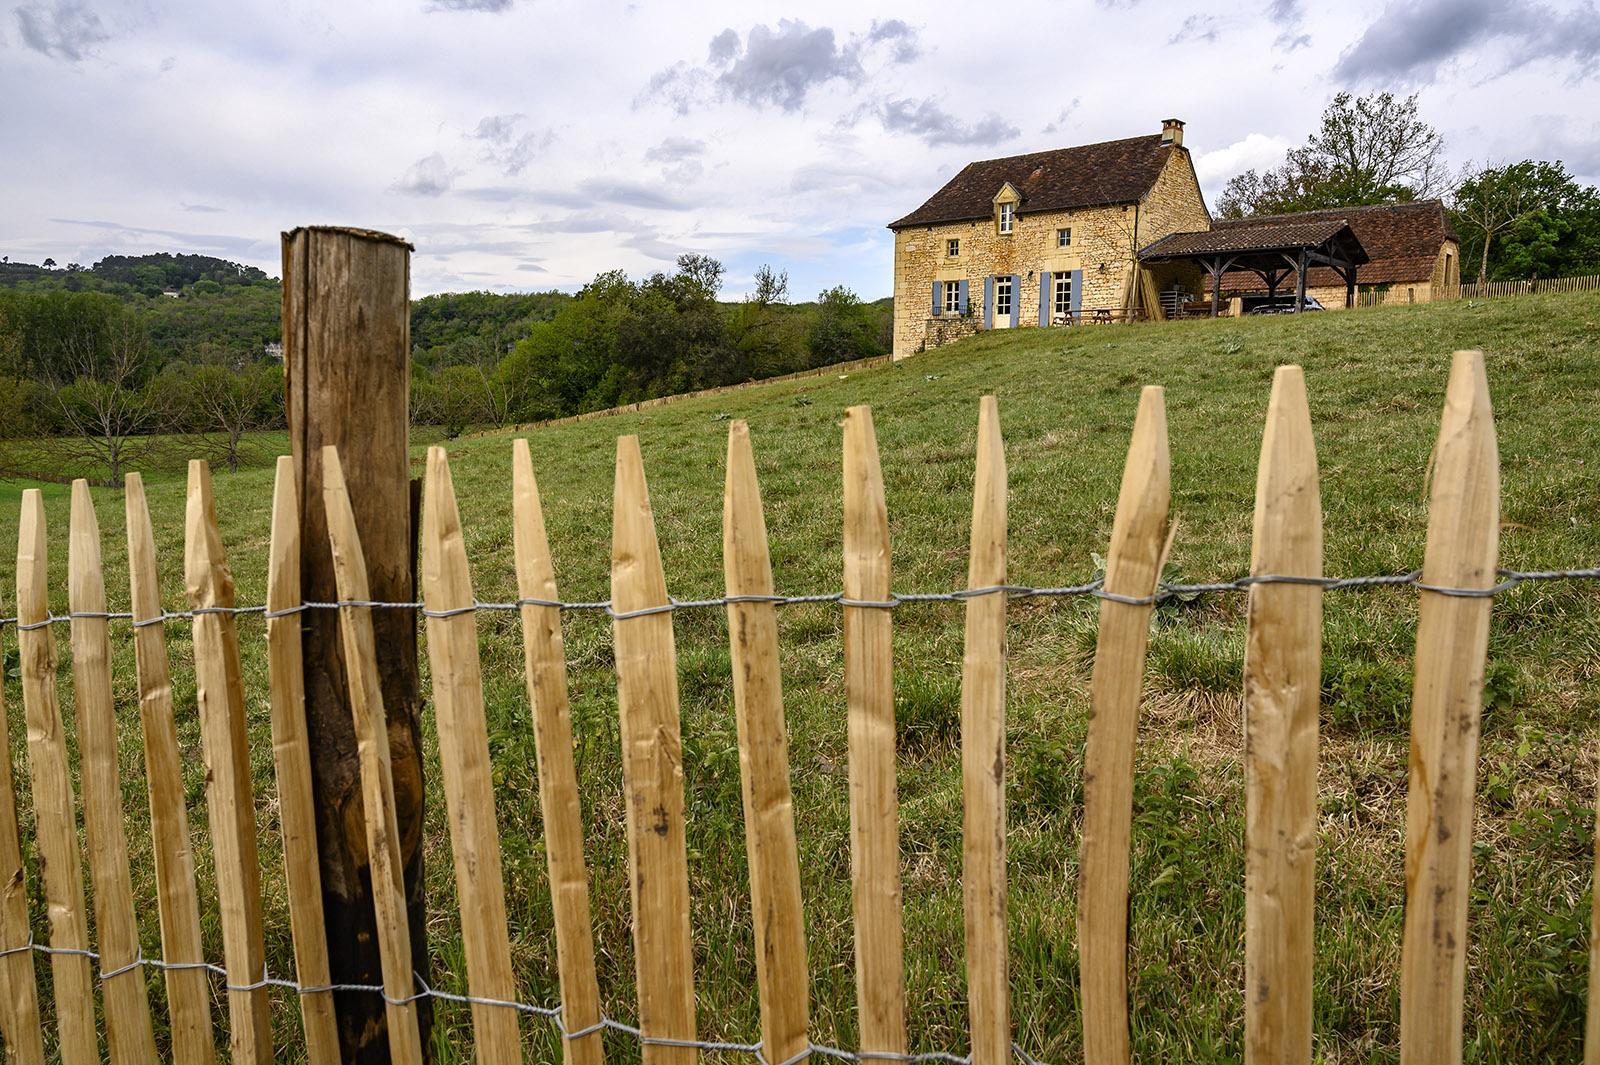 La Madeleine. Der Erlebnisbauernhof. Foto: Hilke Maunder